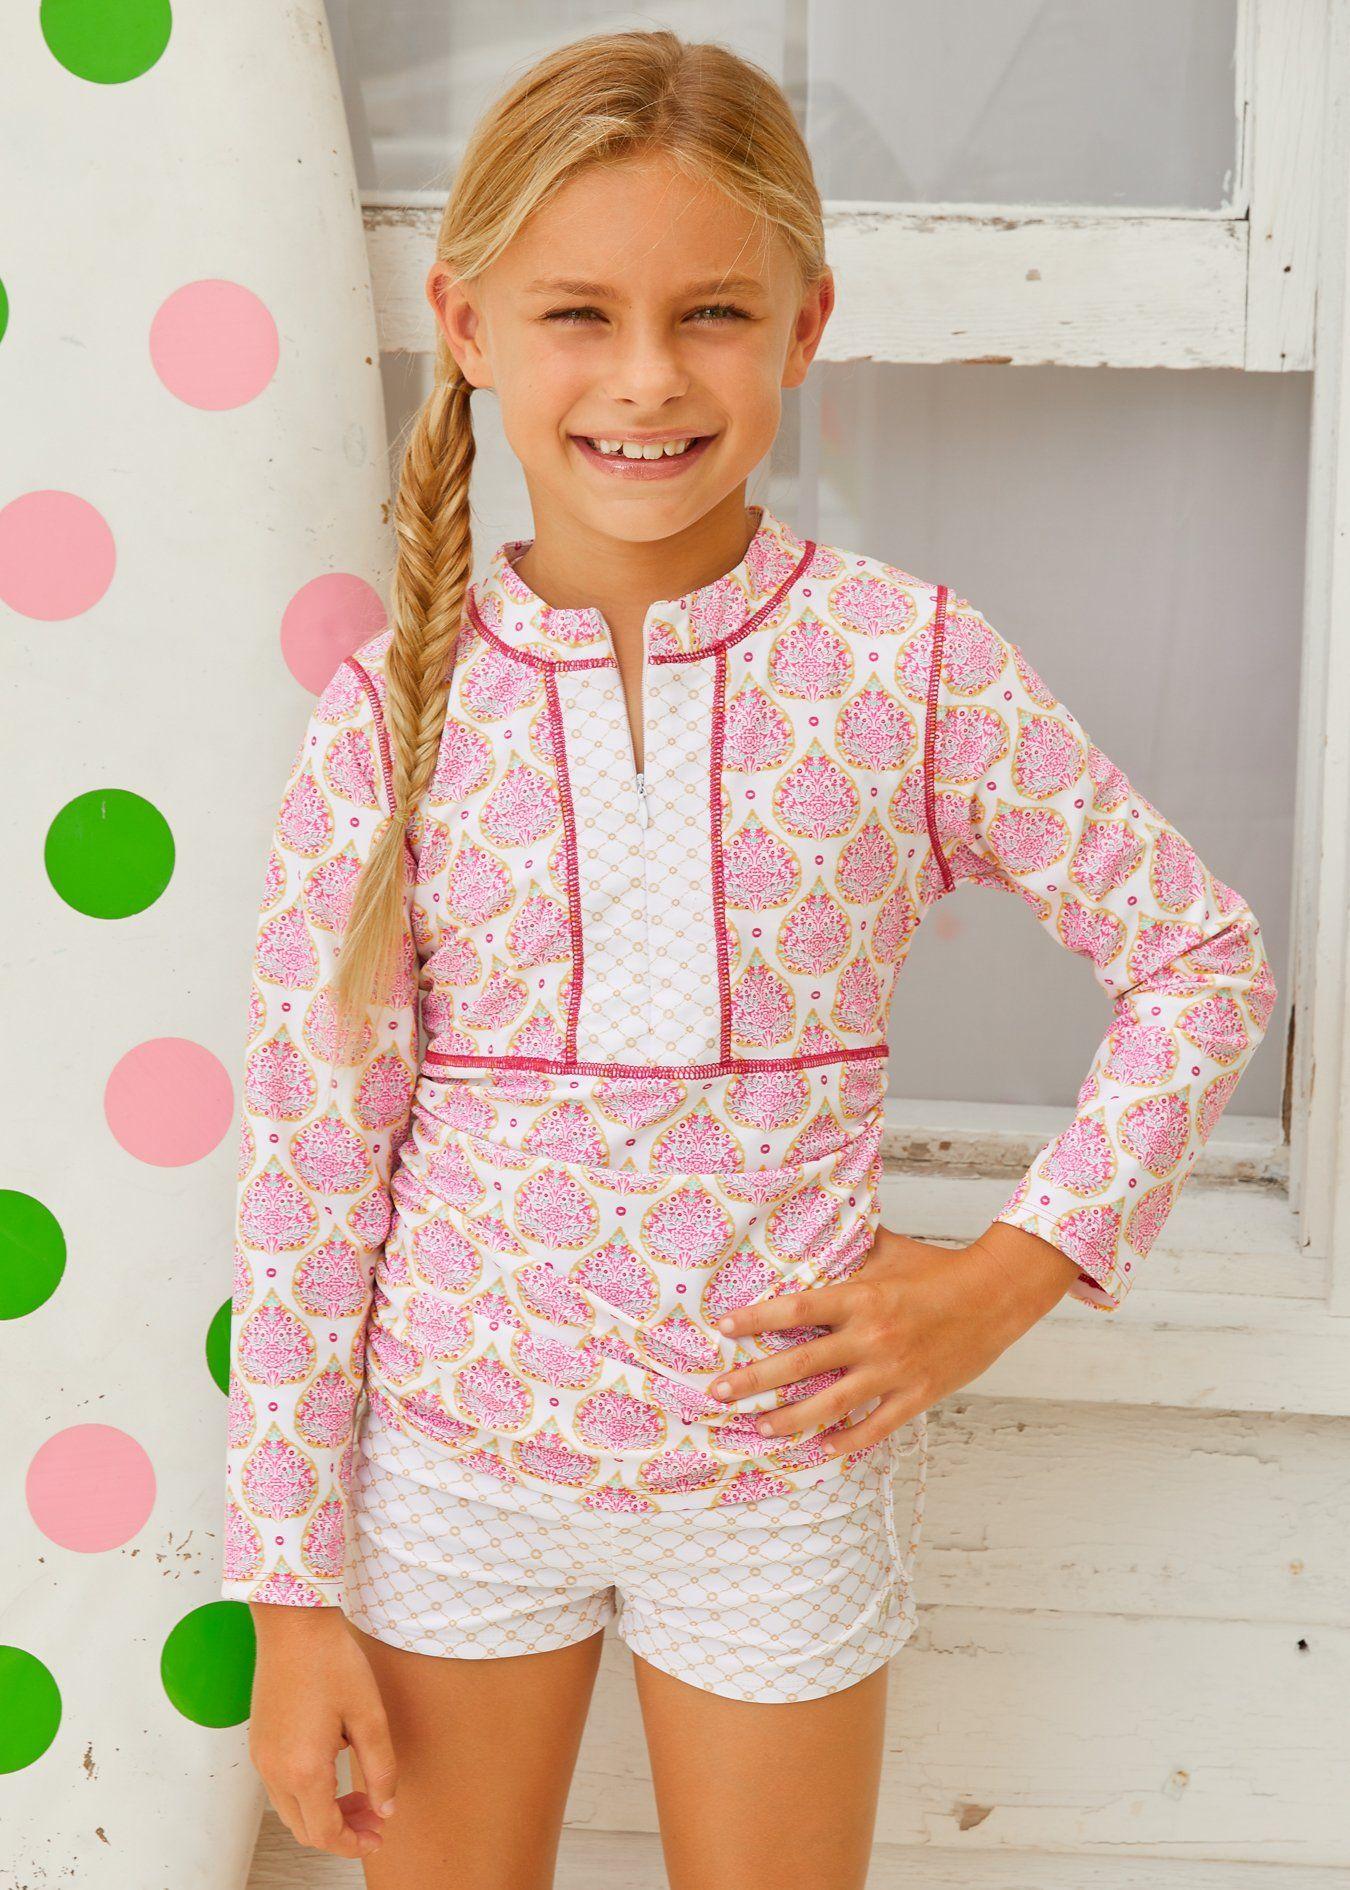 Pink and gold dress for kids  Gold Coast Rashguard Set  OutfitsGirlsSwimwear  Pinterest